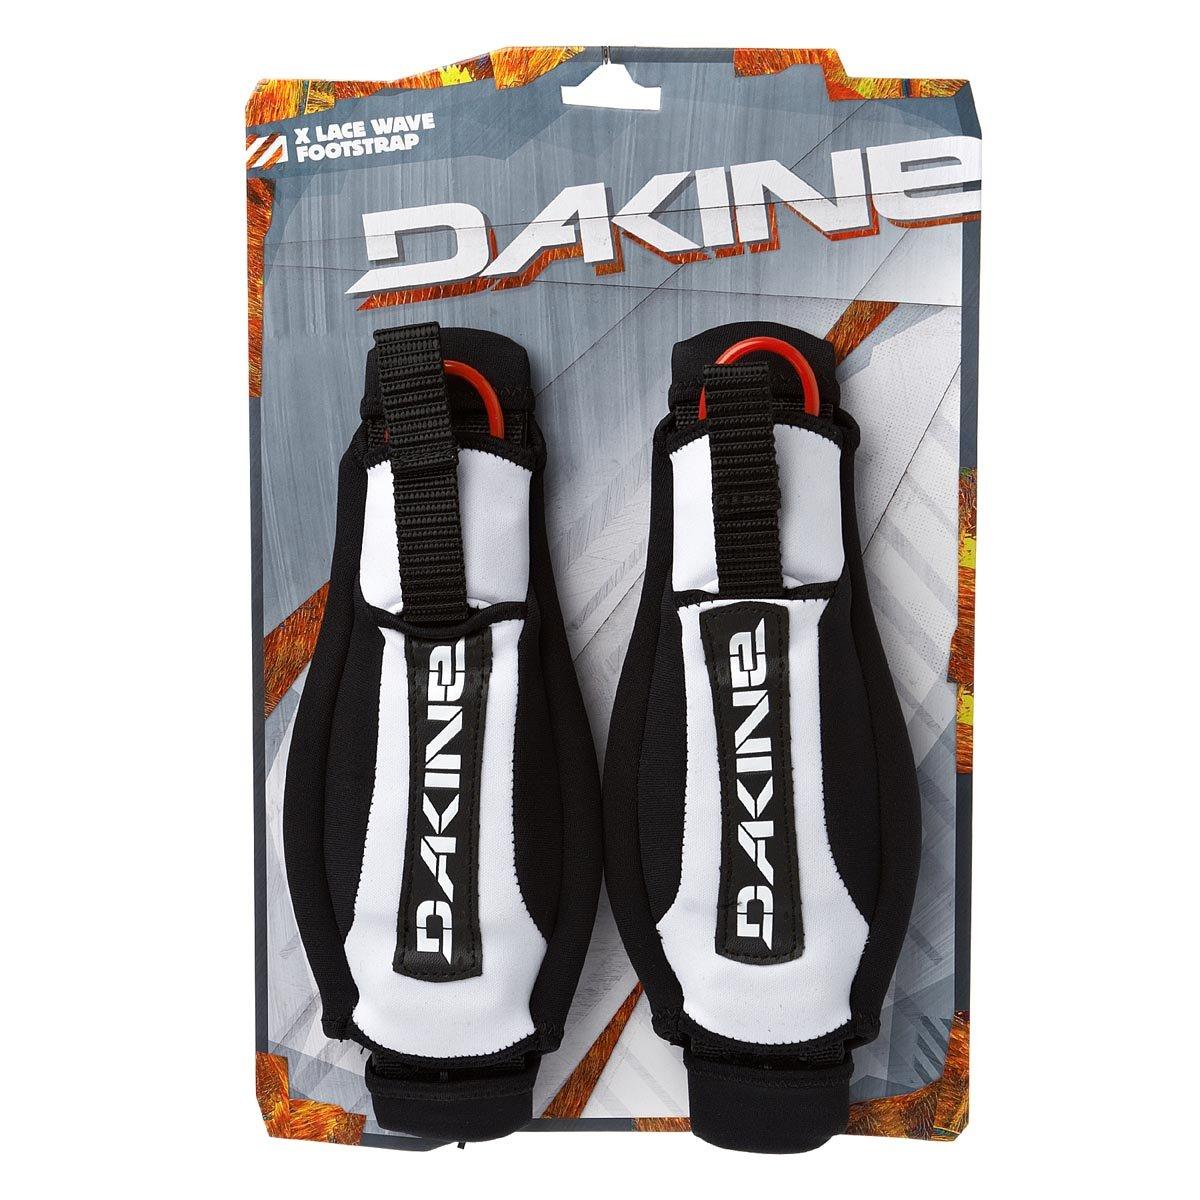 nowe obrazy przytulnie świeże klasyczny styl Dakine X-Lace Wave Footstrap (2), Farbe: White, Größe: OS ...